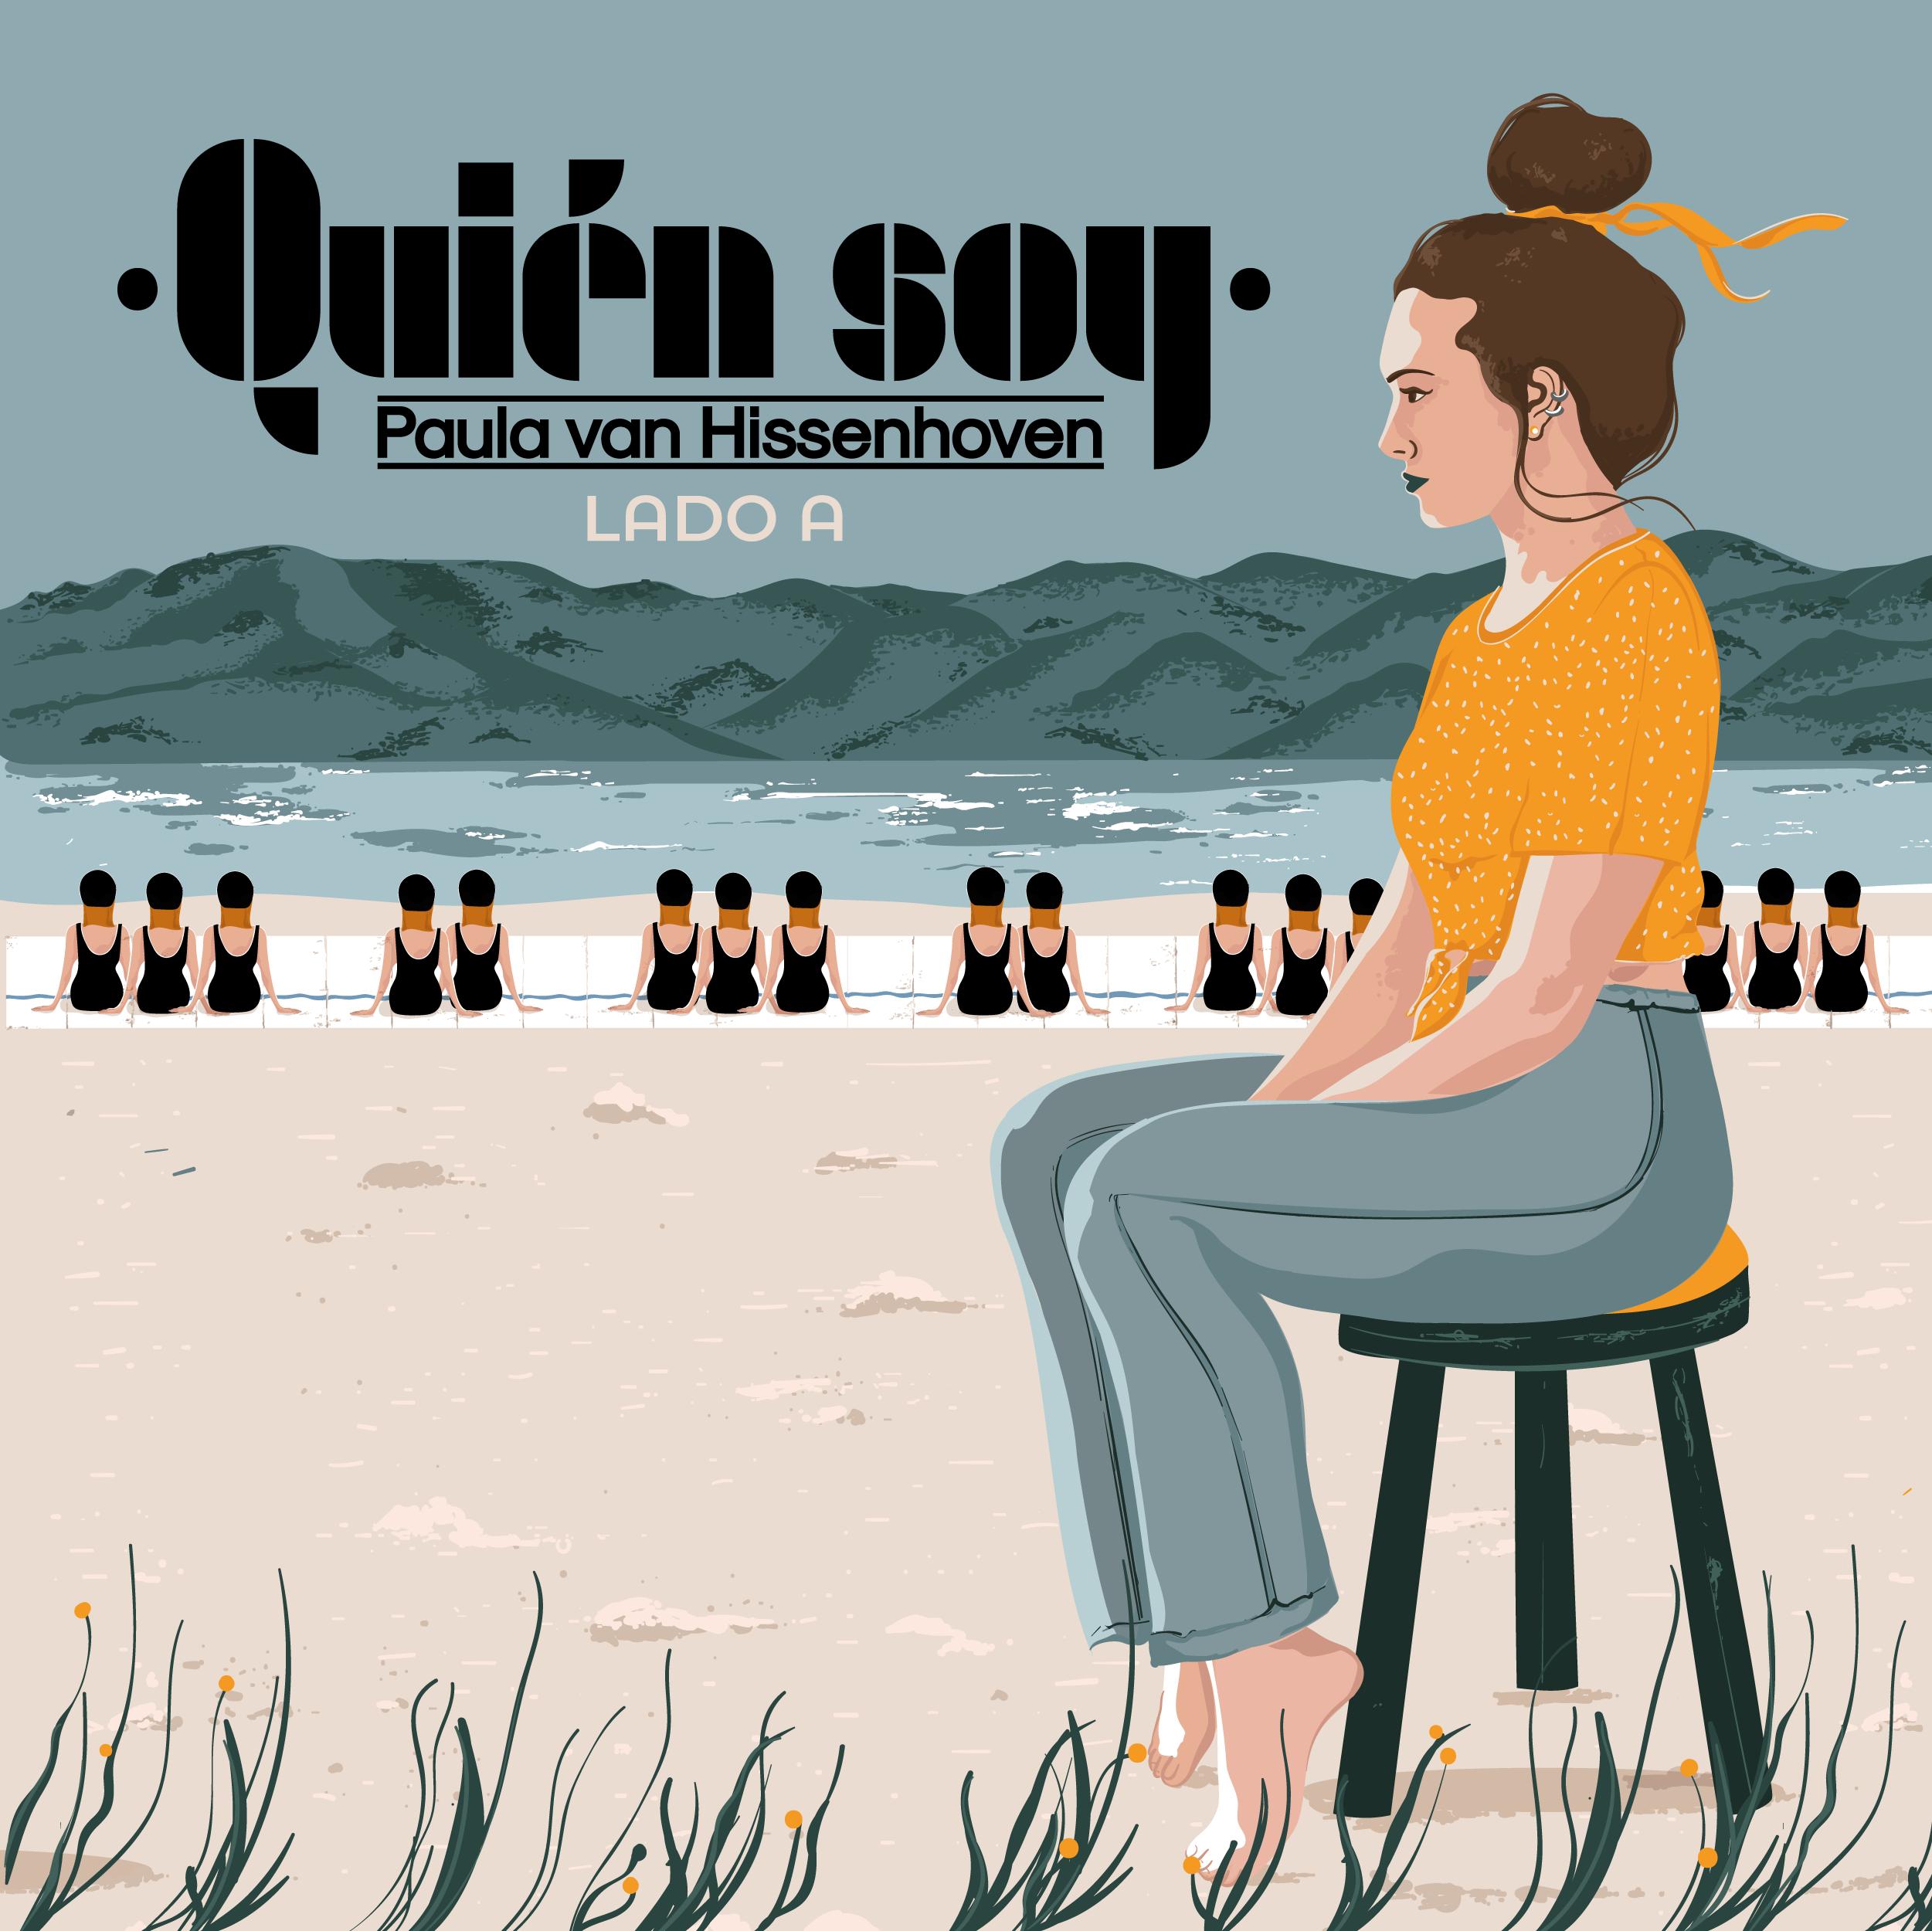 Paula van Hissenhoven, pianista de Aterciopelados, presenta su álbum debut Quién soy (lado A) - PVH_QuienSoy_lado_a_portada-01